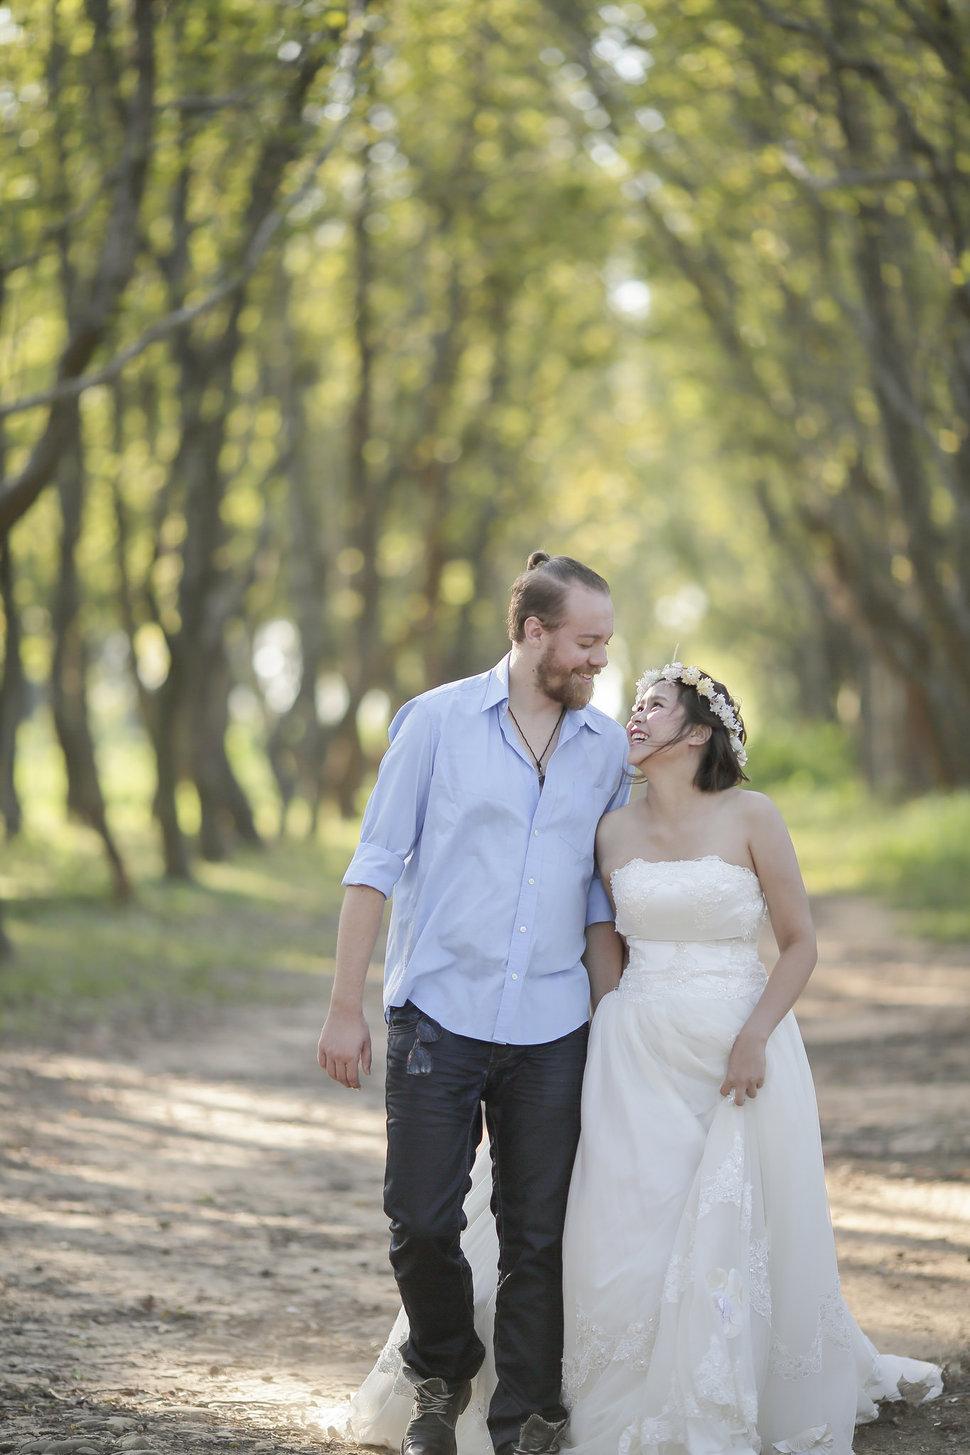 國內婚紗(編號:5271) - AC Photography - 結婚吧